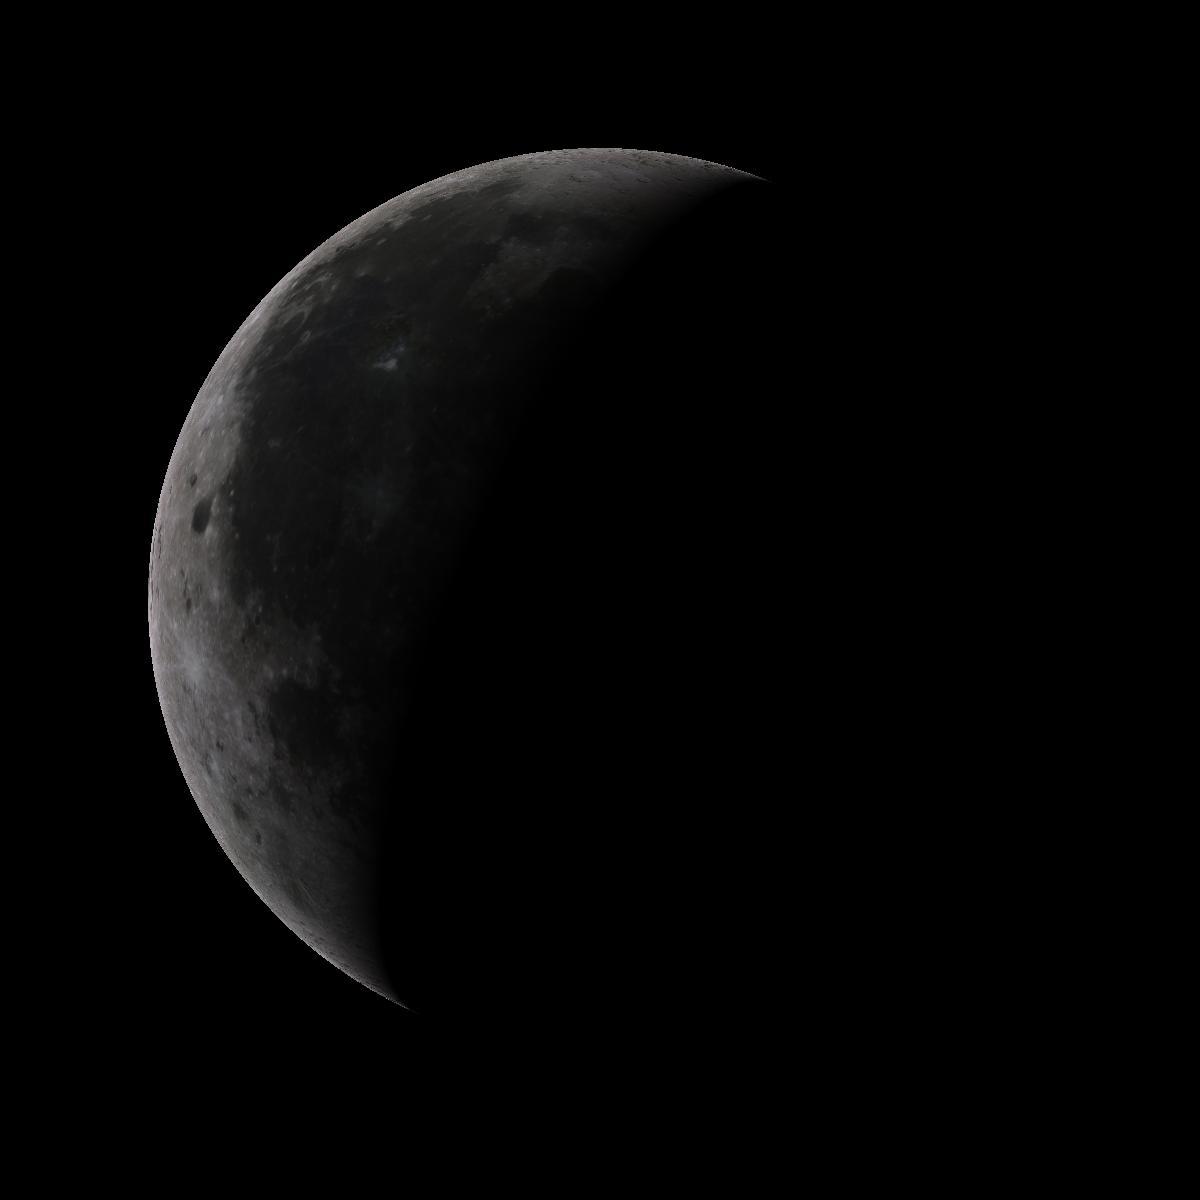 Lune du 27 juin 2019